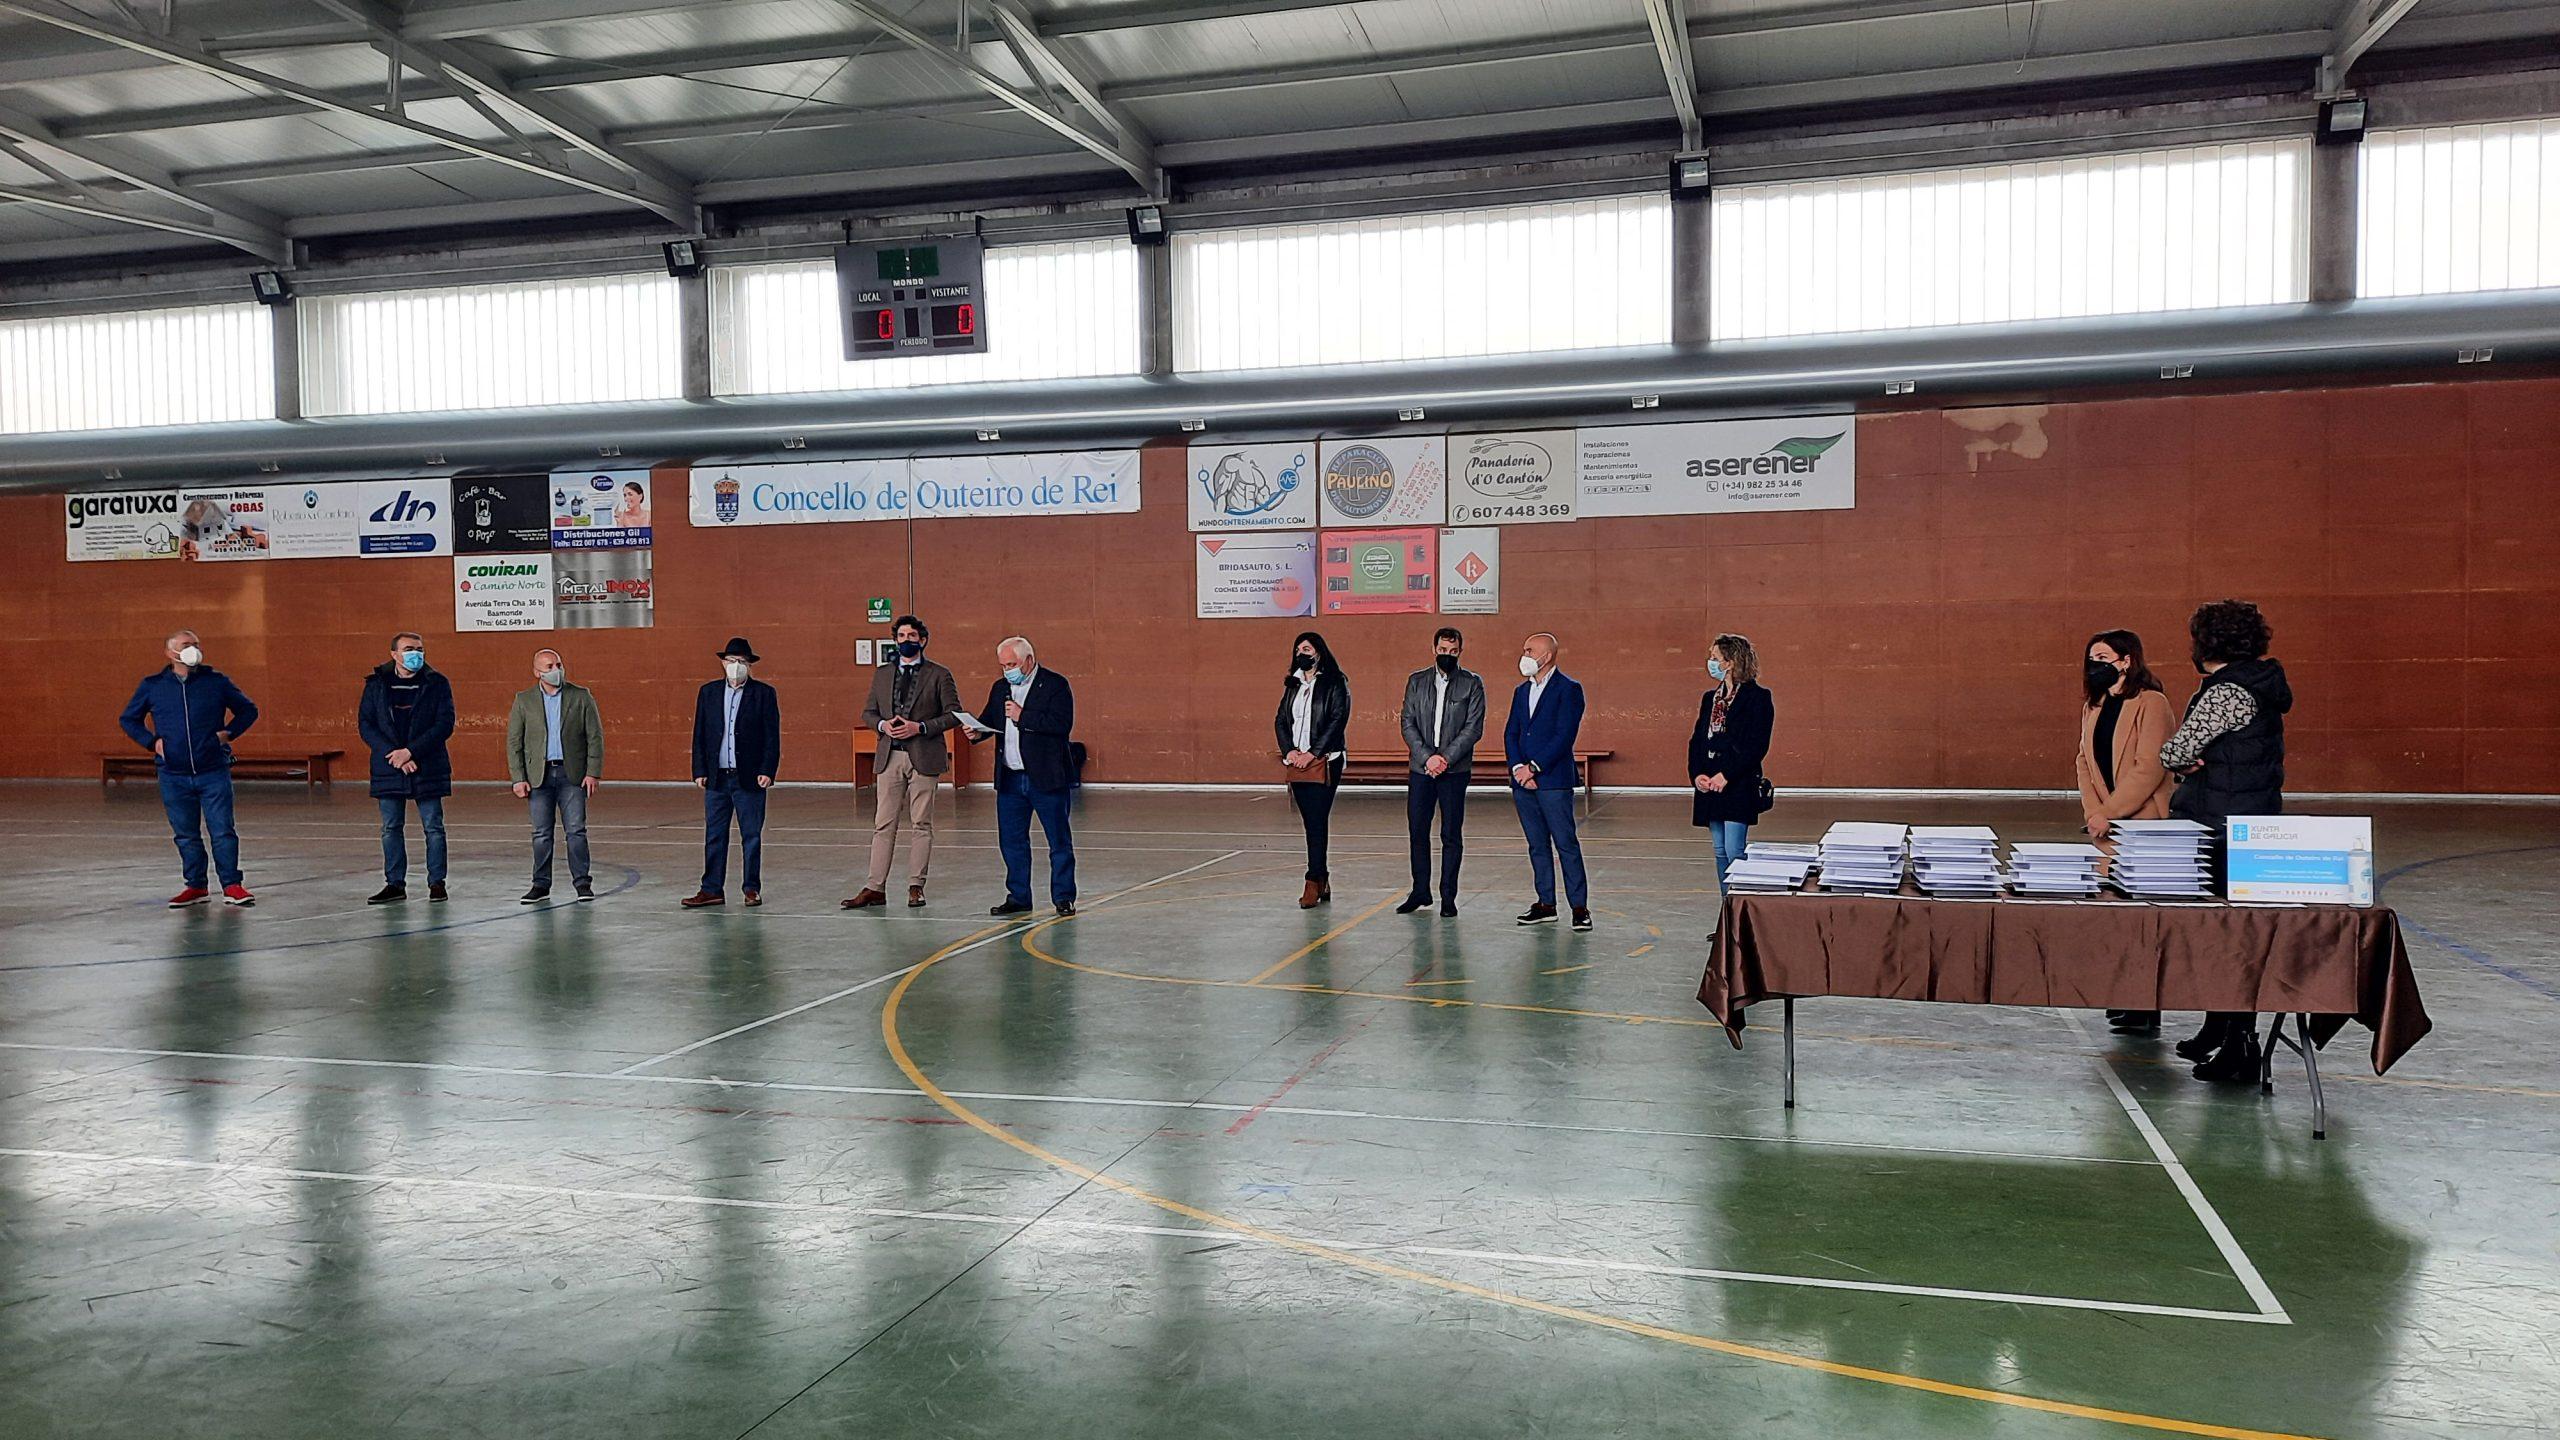 Un programa impulsado pola Xunta con 300.000 euros serviu para formar no último ano a 100 persoas desempregadas de oito concellos lucenses, entre eles Mondoñedo